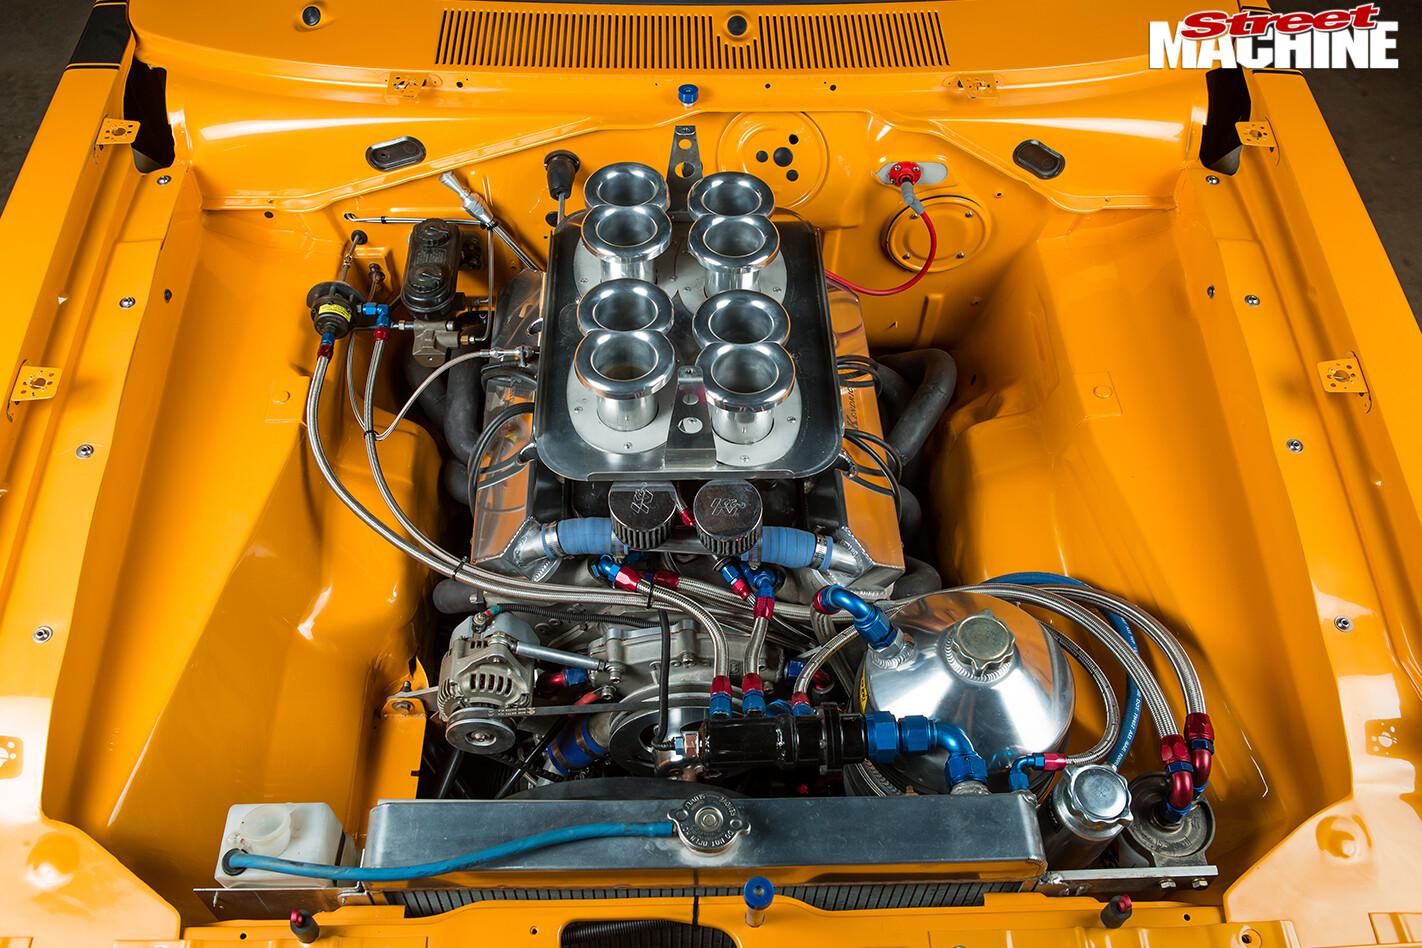 Chrysler -valiant -e 55-charger -engine -bay